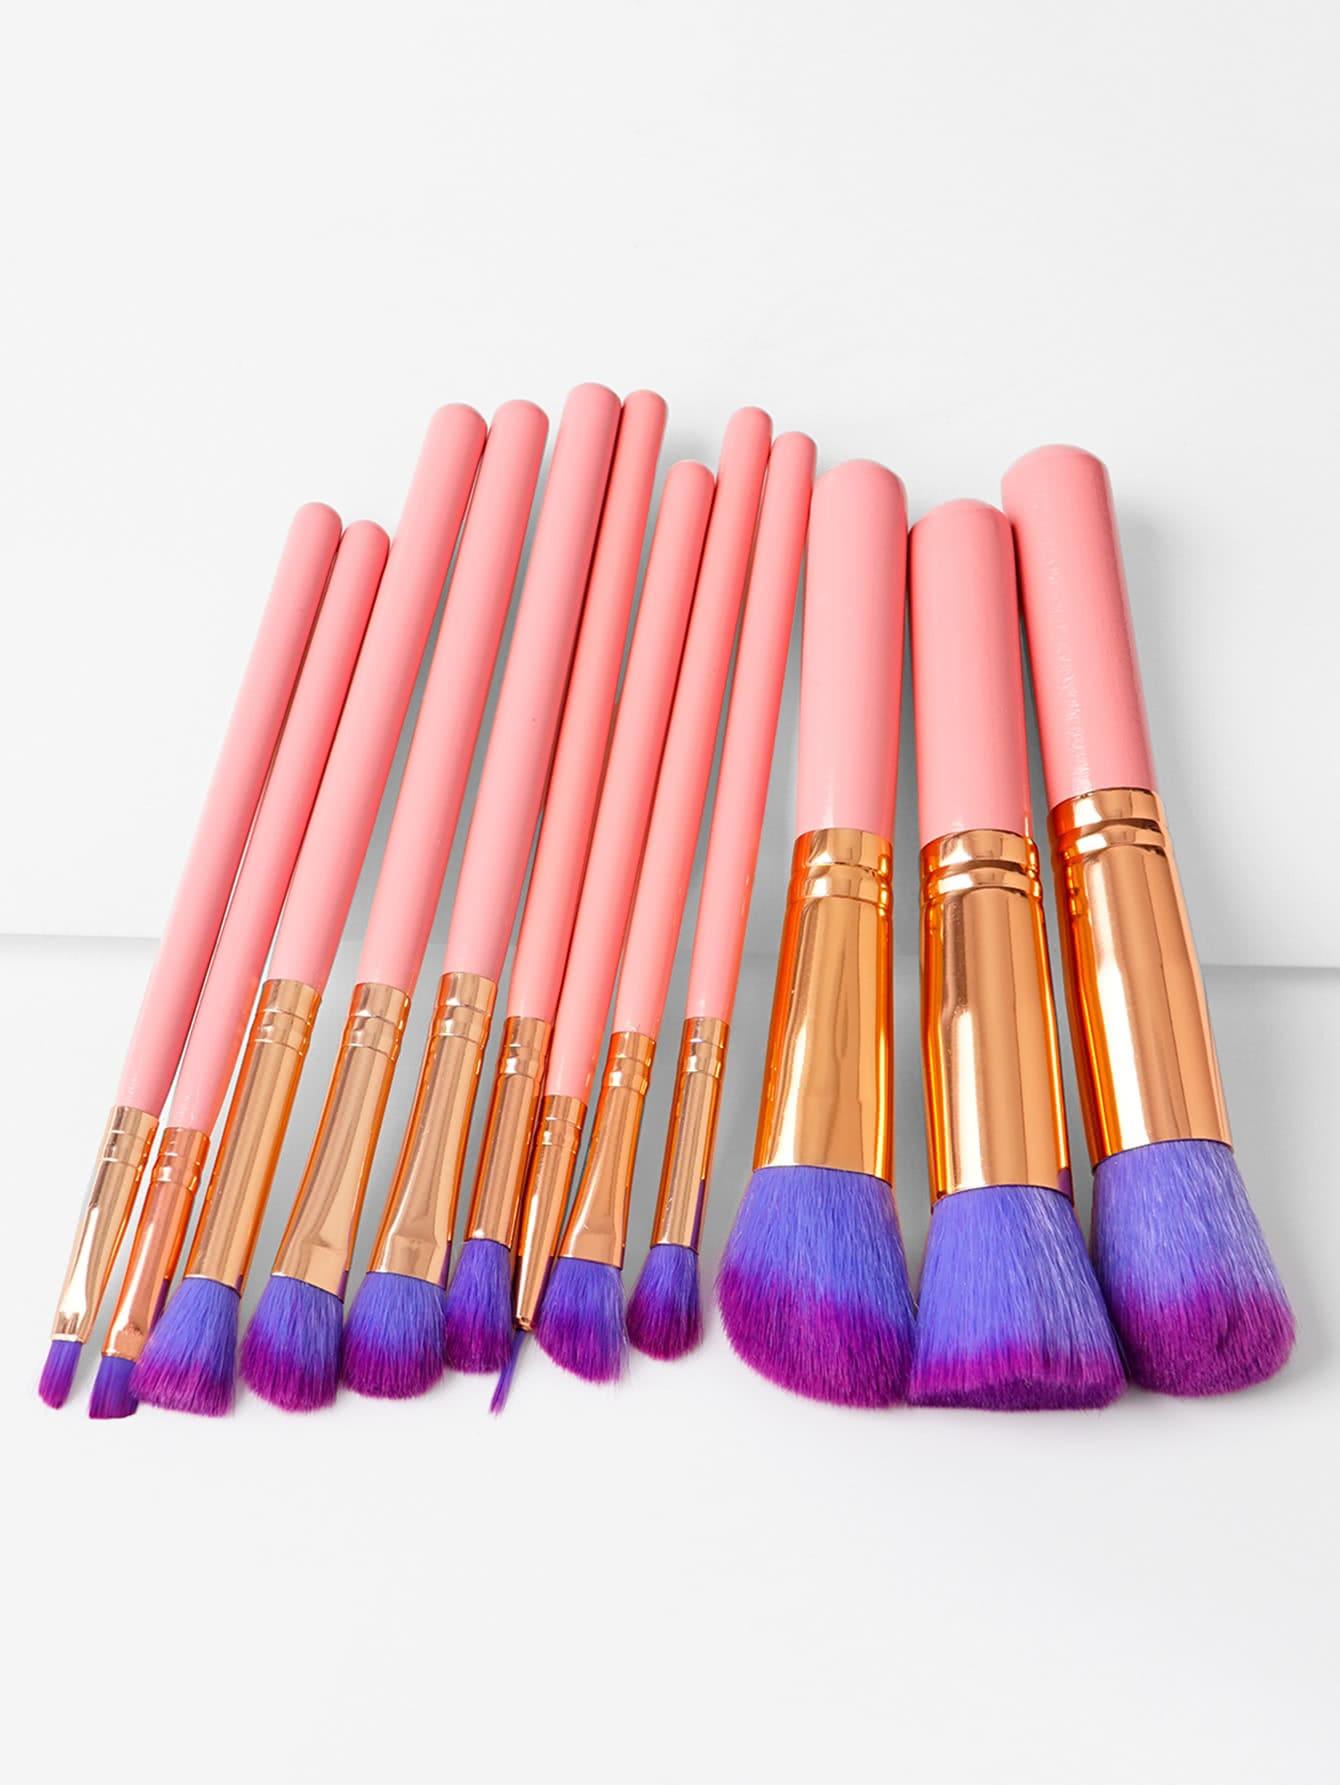 Professional Makeup Brush 12pcs